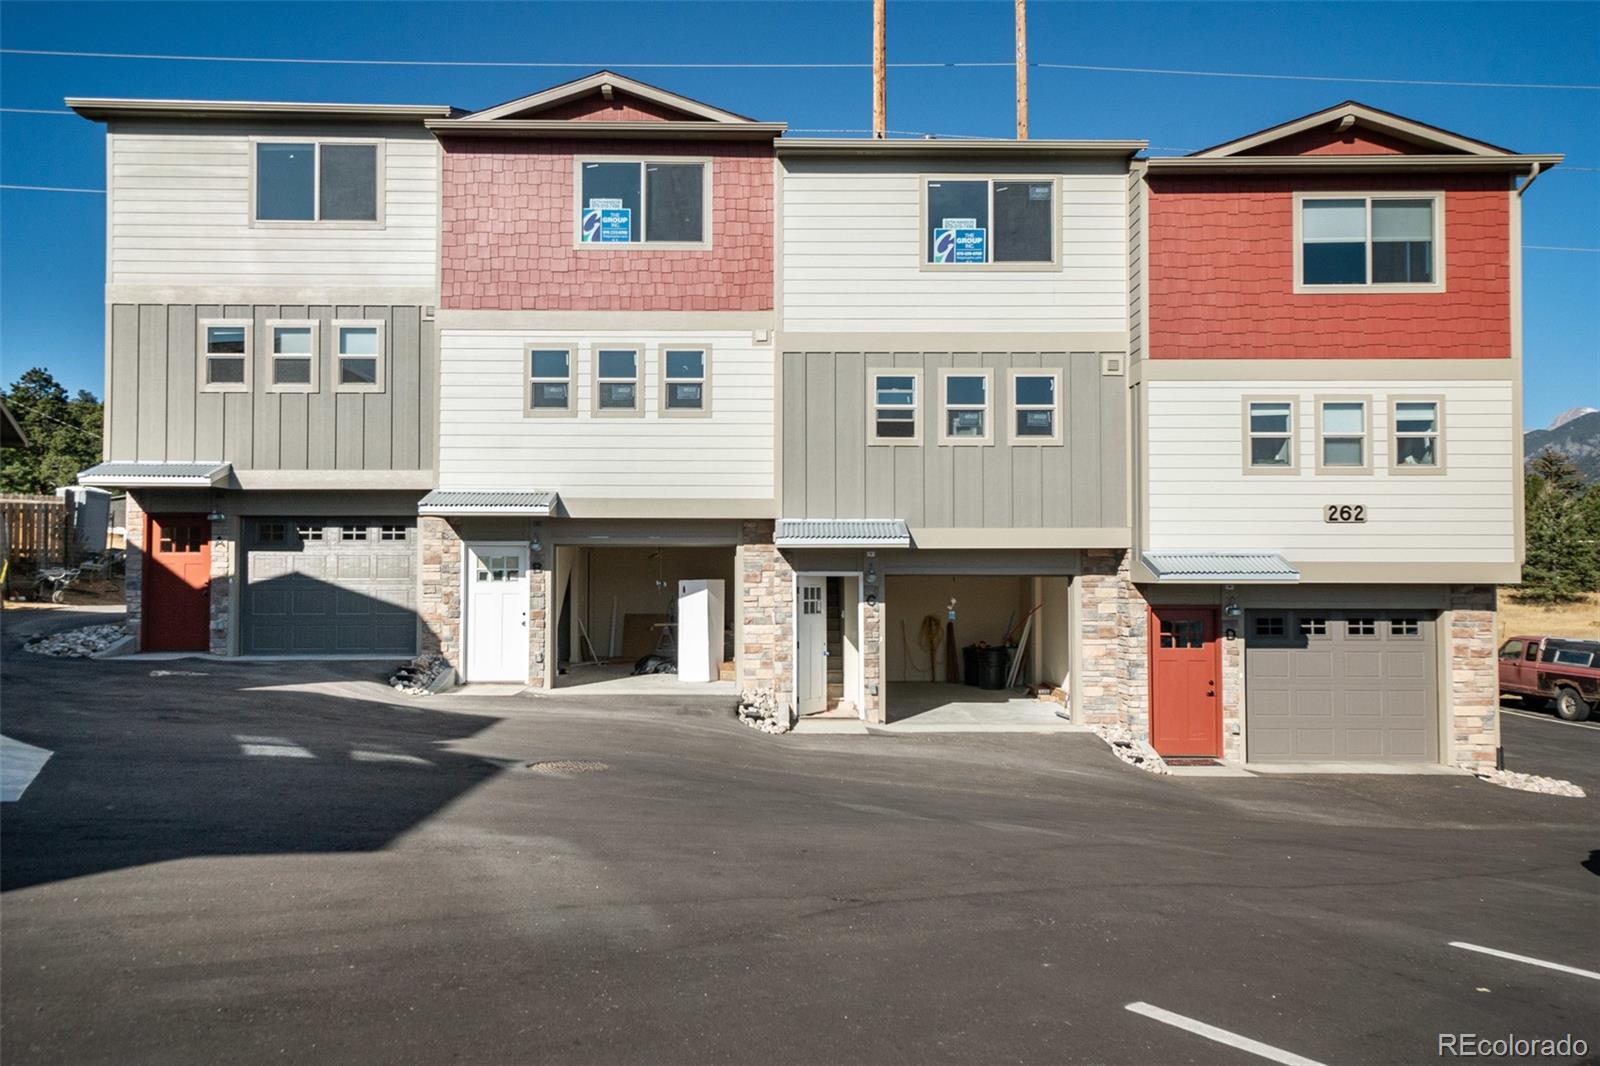 262 Stanley Avenue #C, Estes Park, CO 80517 - Estes Park, CO real estate listing